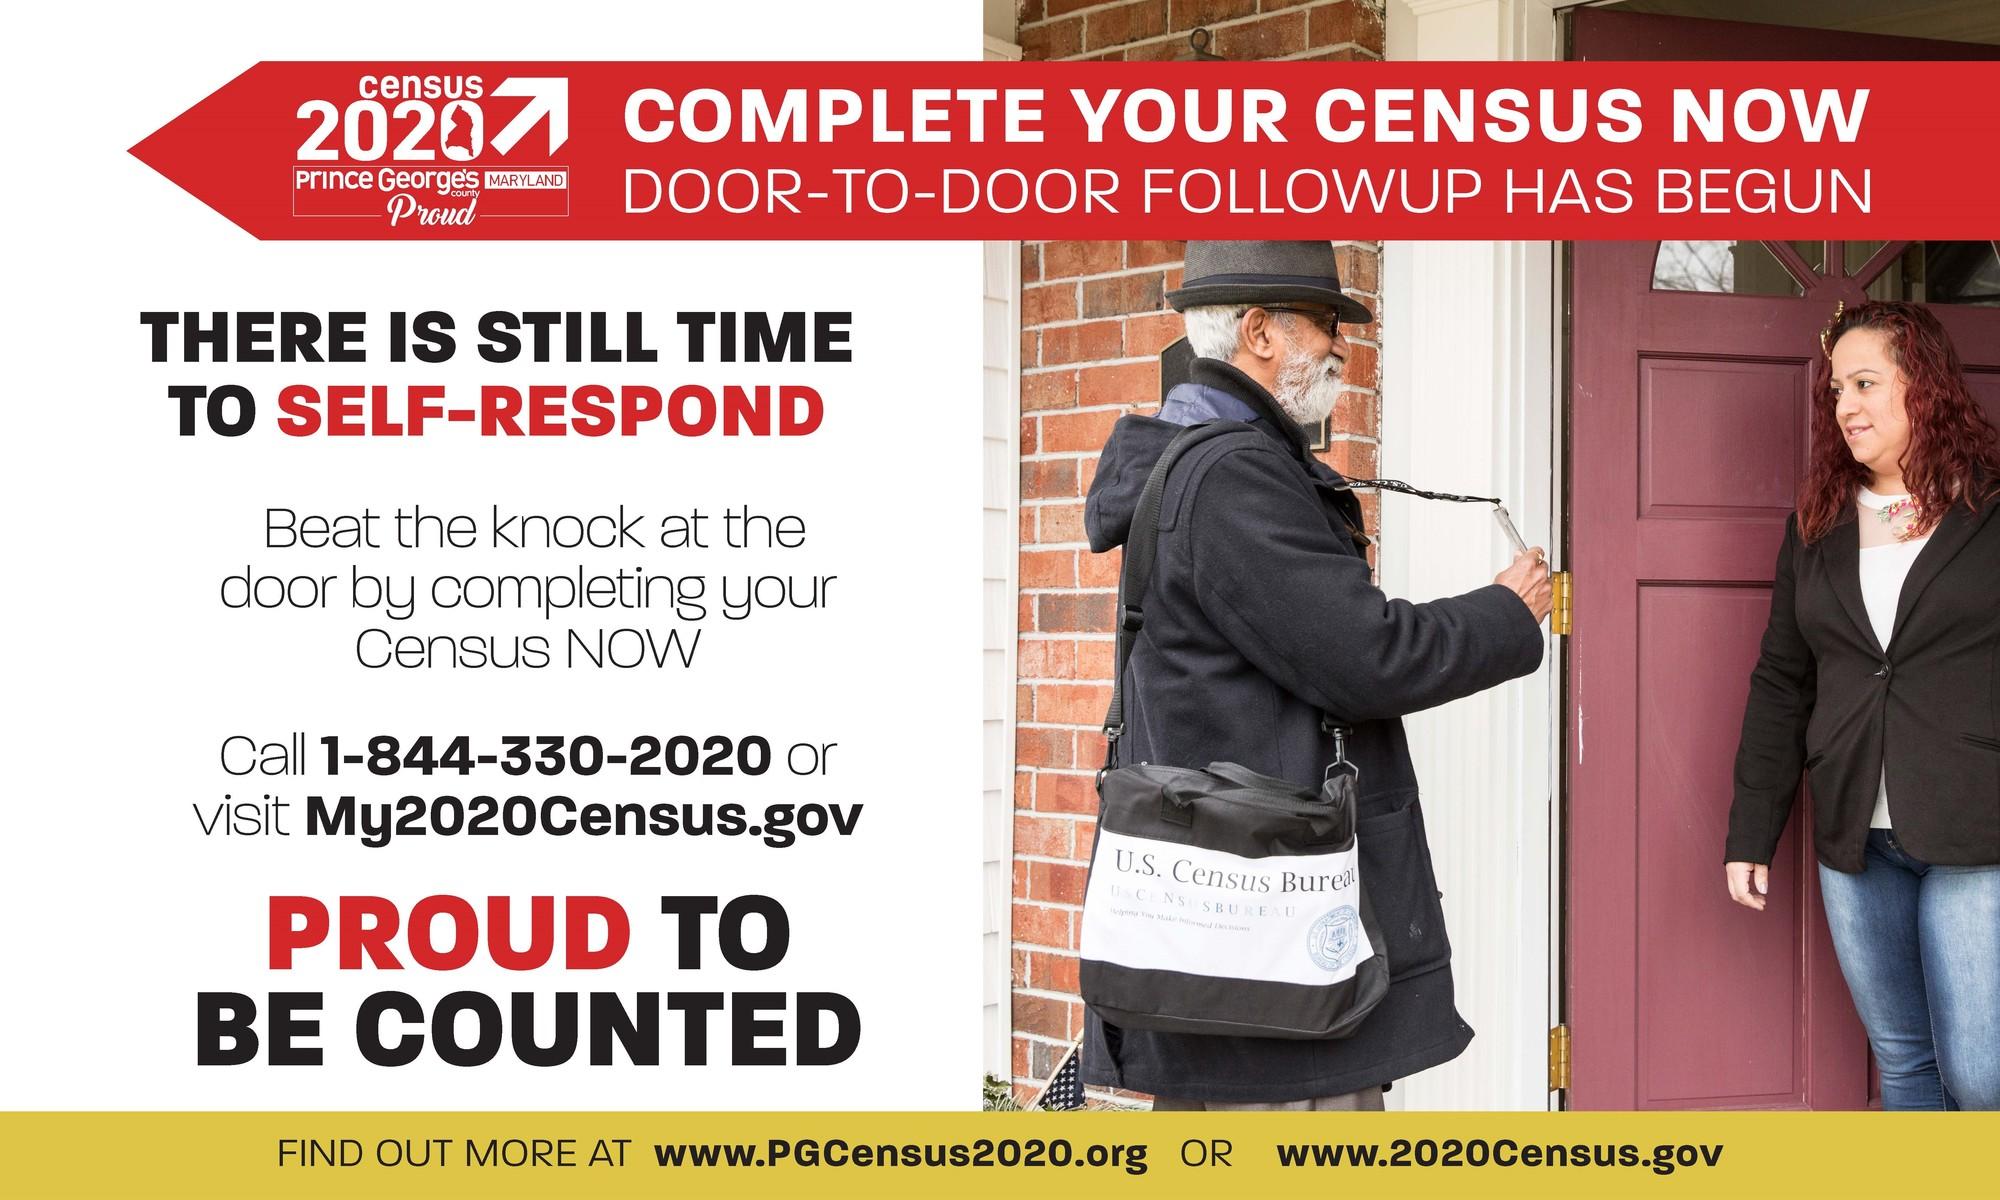 Census at Your Door